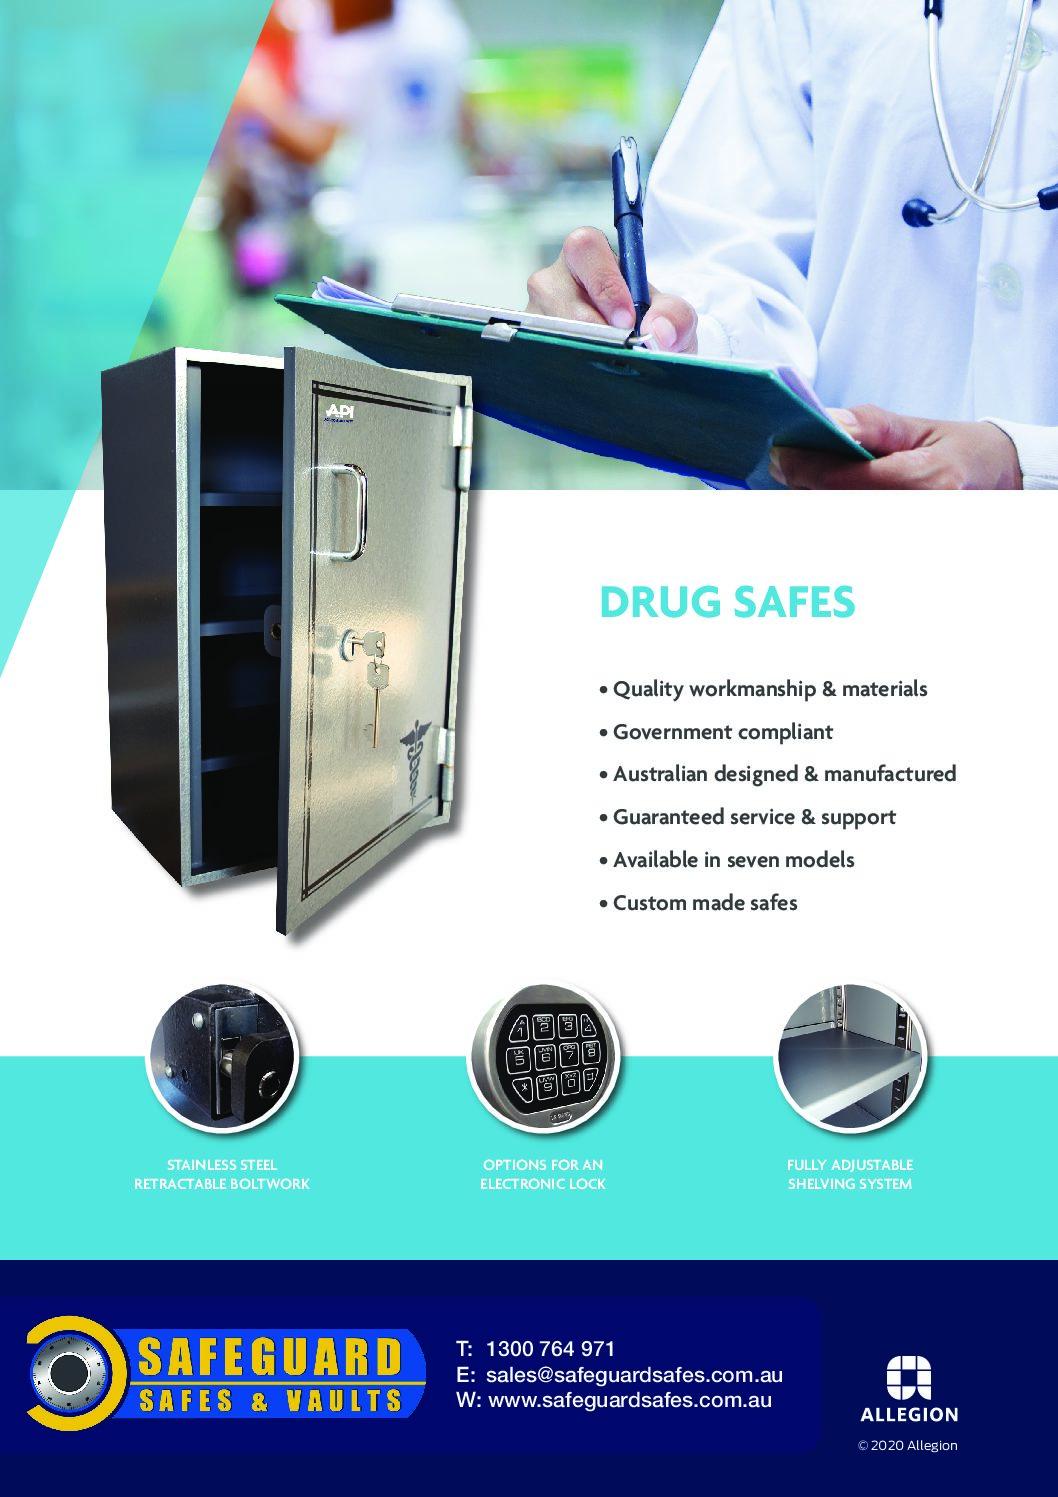 Diplomat_Drug_Safe_Information_2020